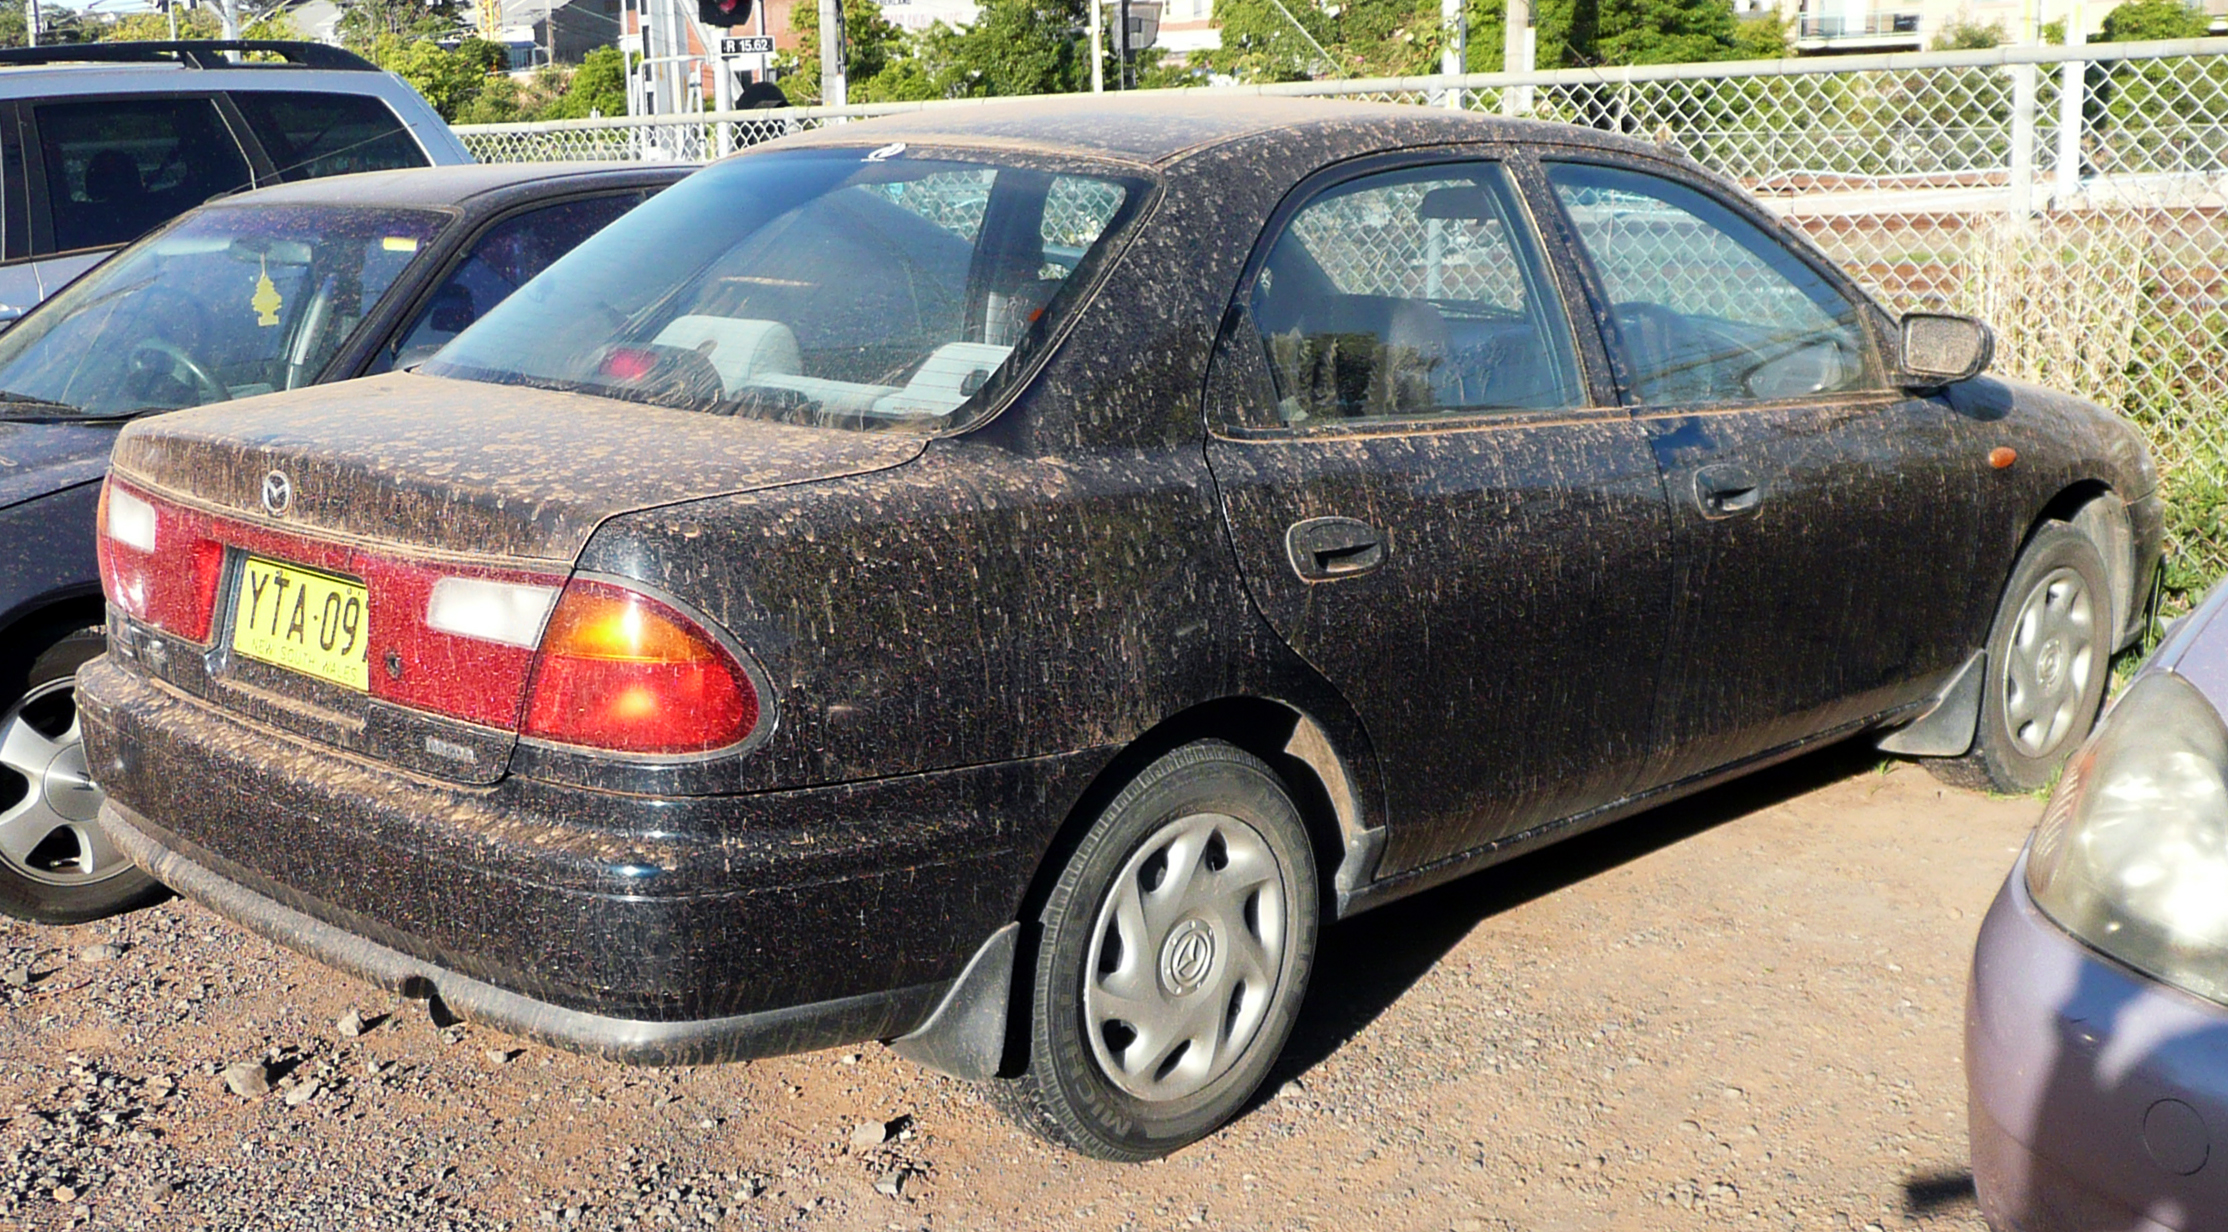 file:1998 mazda 323 (ba series 3) protegé 1.6 sedan (2009-09-25